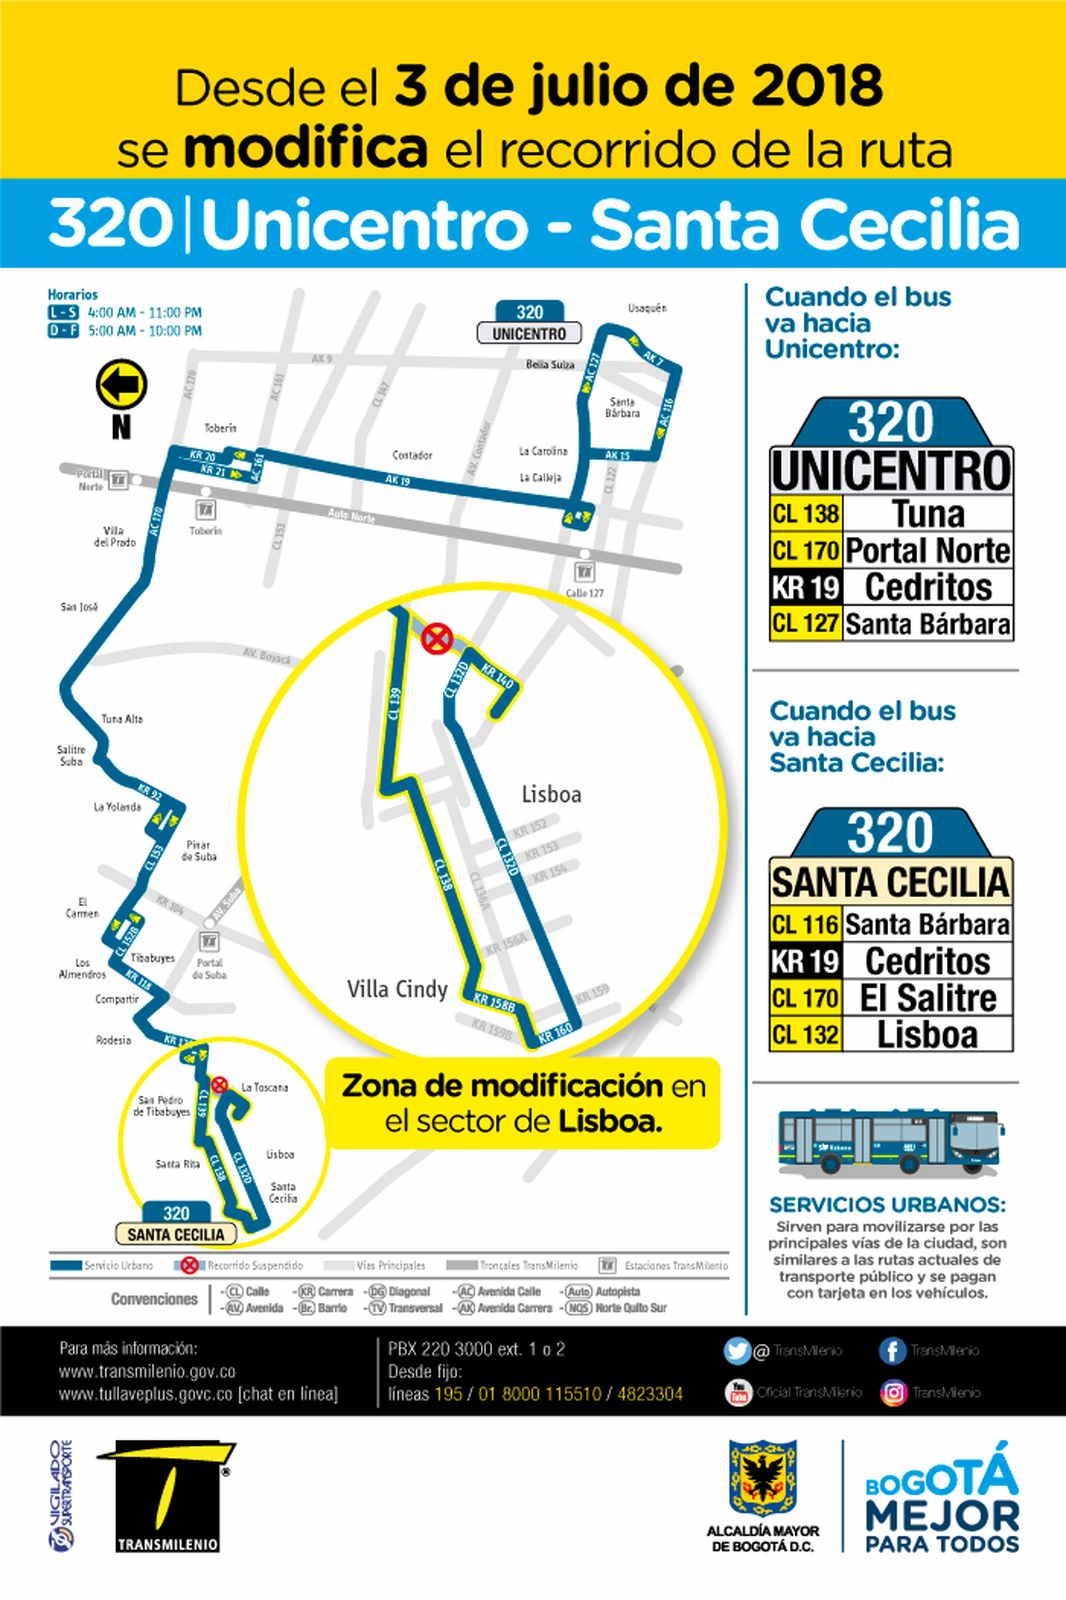 Mapa de la ruta urbana Urbana 320 Unicentro - Santa Cecilia desde el 3 de julio de 2018